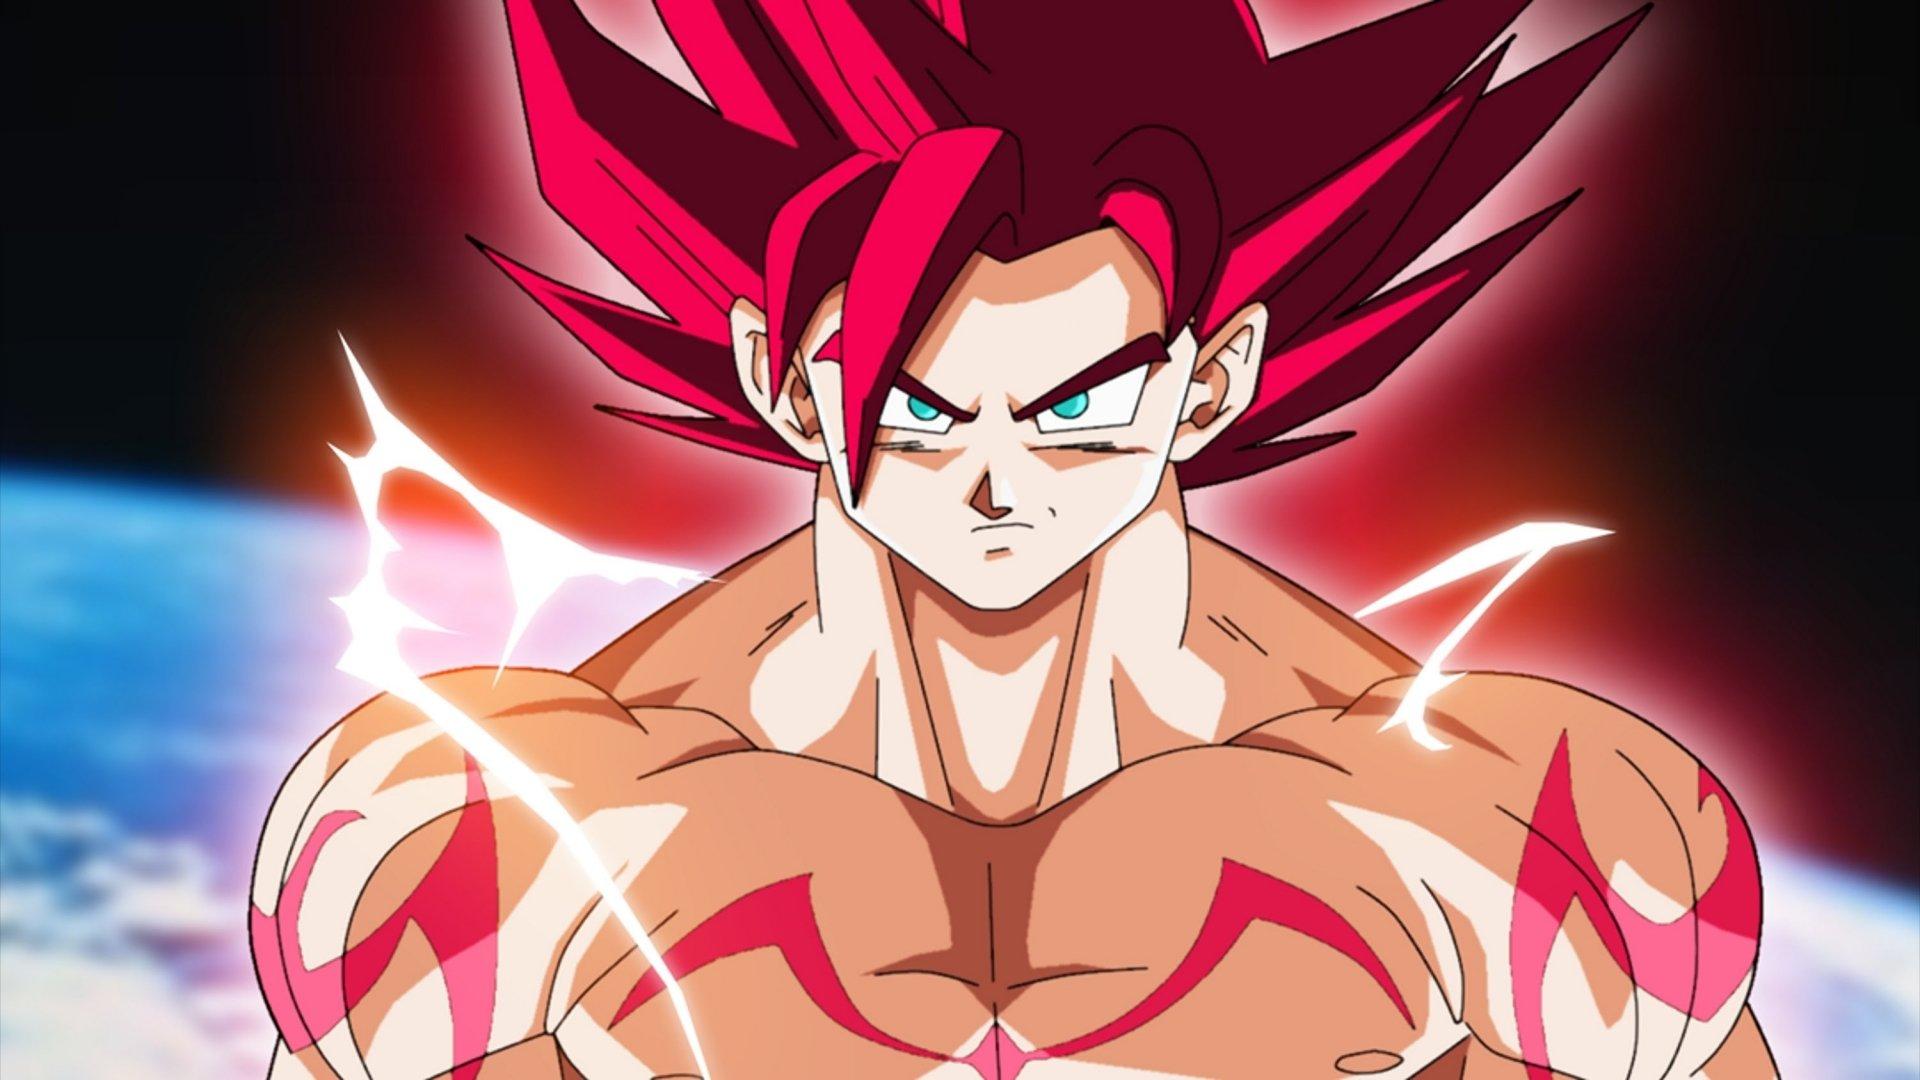 动漫 - 龙珠超  Super Saiyan God Goku 壁纸